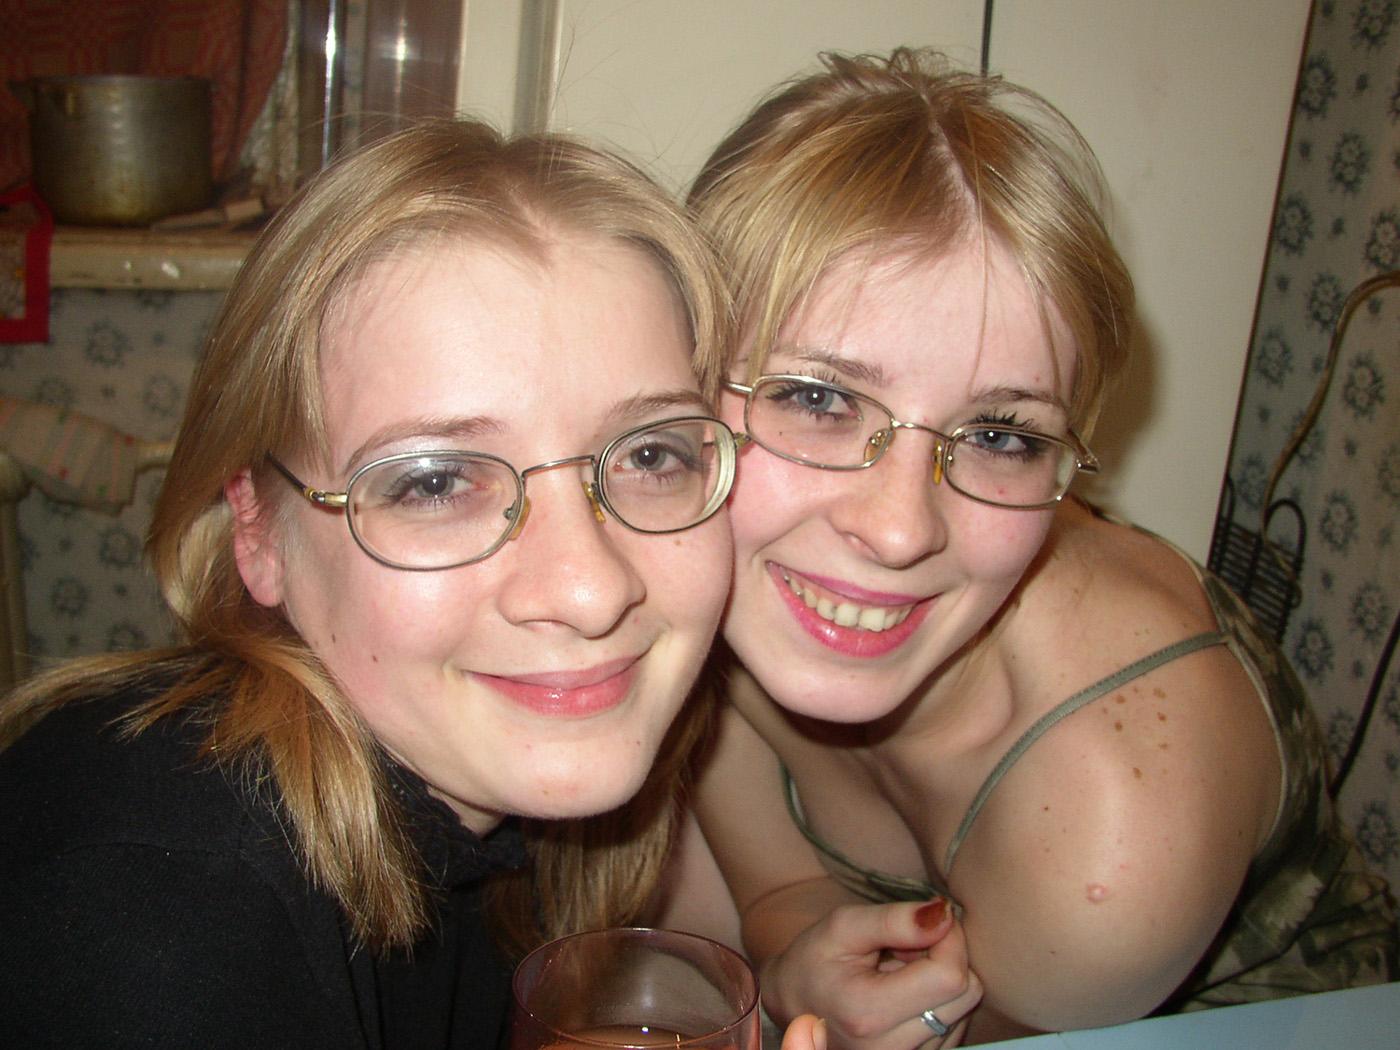 Сестры домашние фото